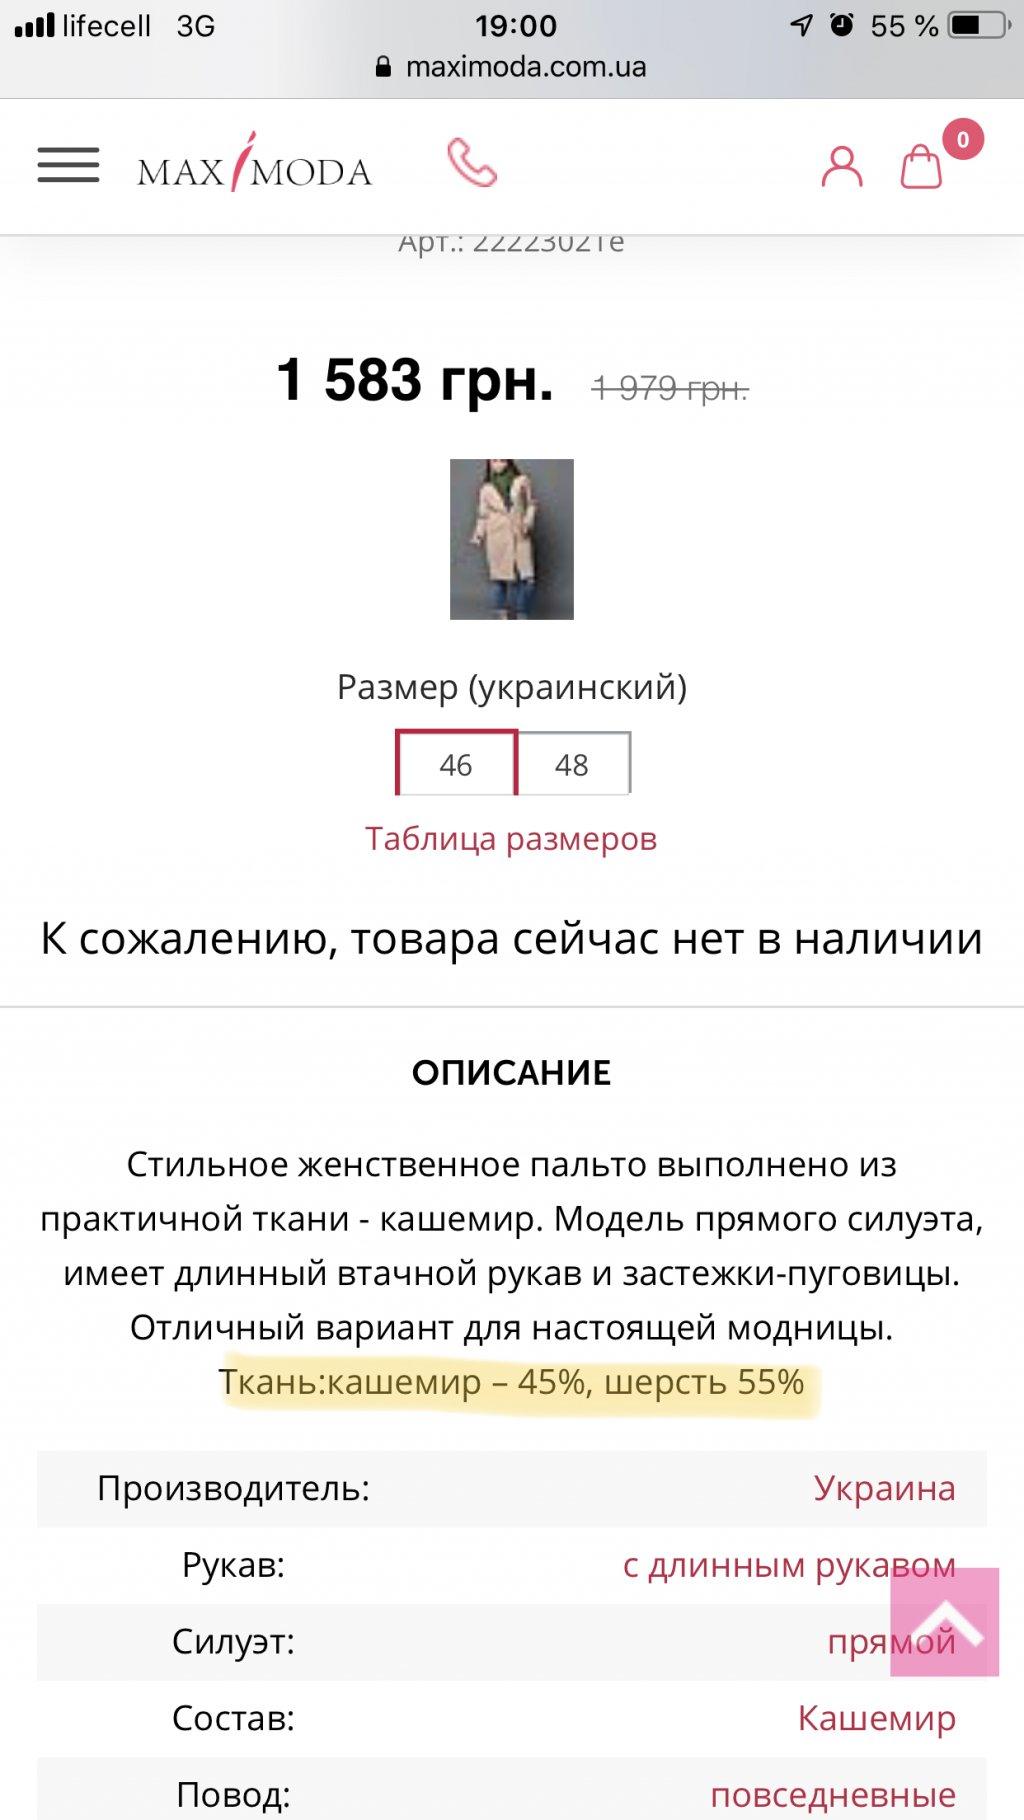 Интернет-магазин одежды MAXIMODA - Ужасный магазин